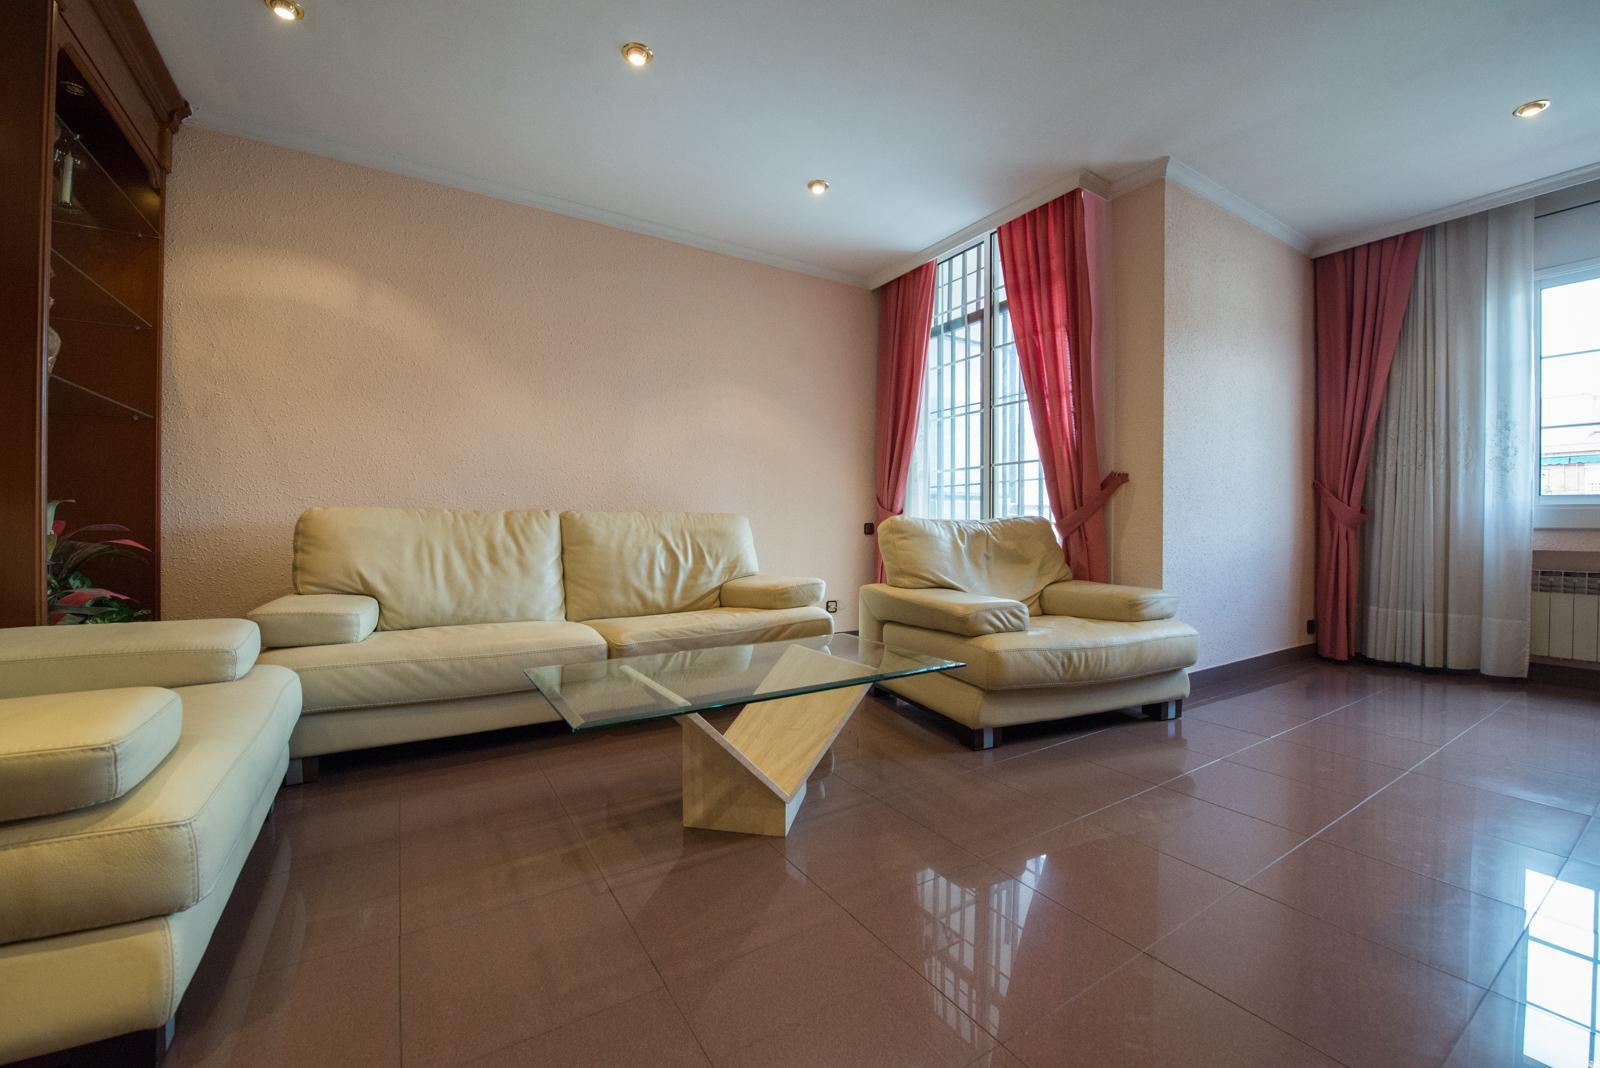 flat-for-sale-in-jto-edfificio-la-campana-la-bordeta-in-barcelona-226572904